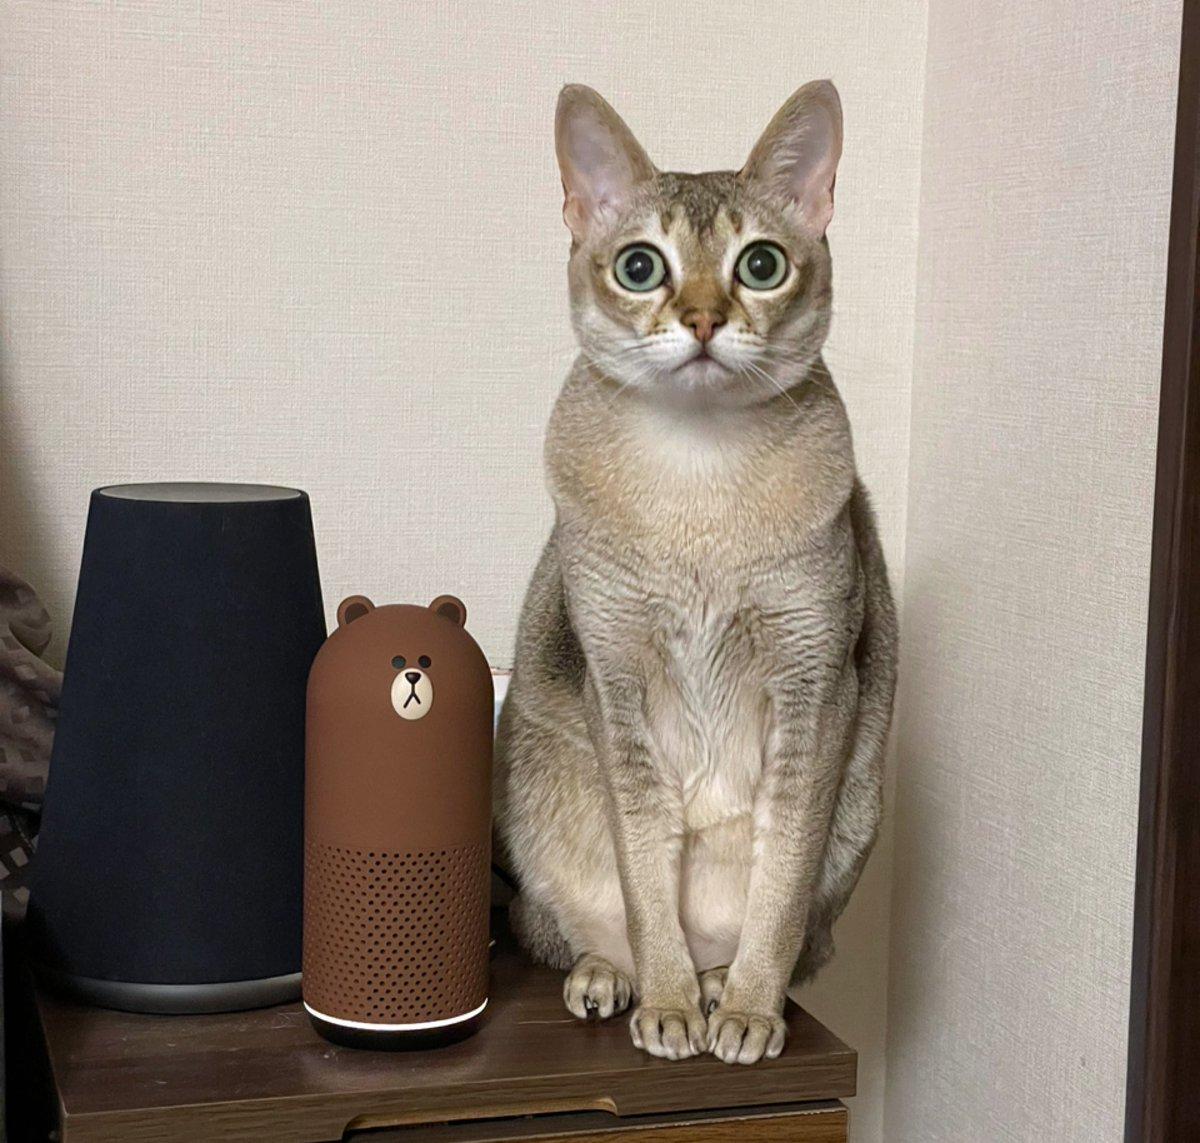 左から、LINE CLOVA WAVE、friends、、、新しい猫型スマスピかな。ねこIoTLTでたくさんの猫さま愛をご覧ください♡お申し込みが60名いきましたー!ありがとうございますー!!登壇者様募集ですーーーー#iotlt#ねこ